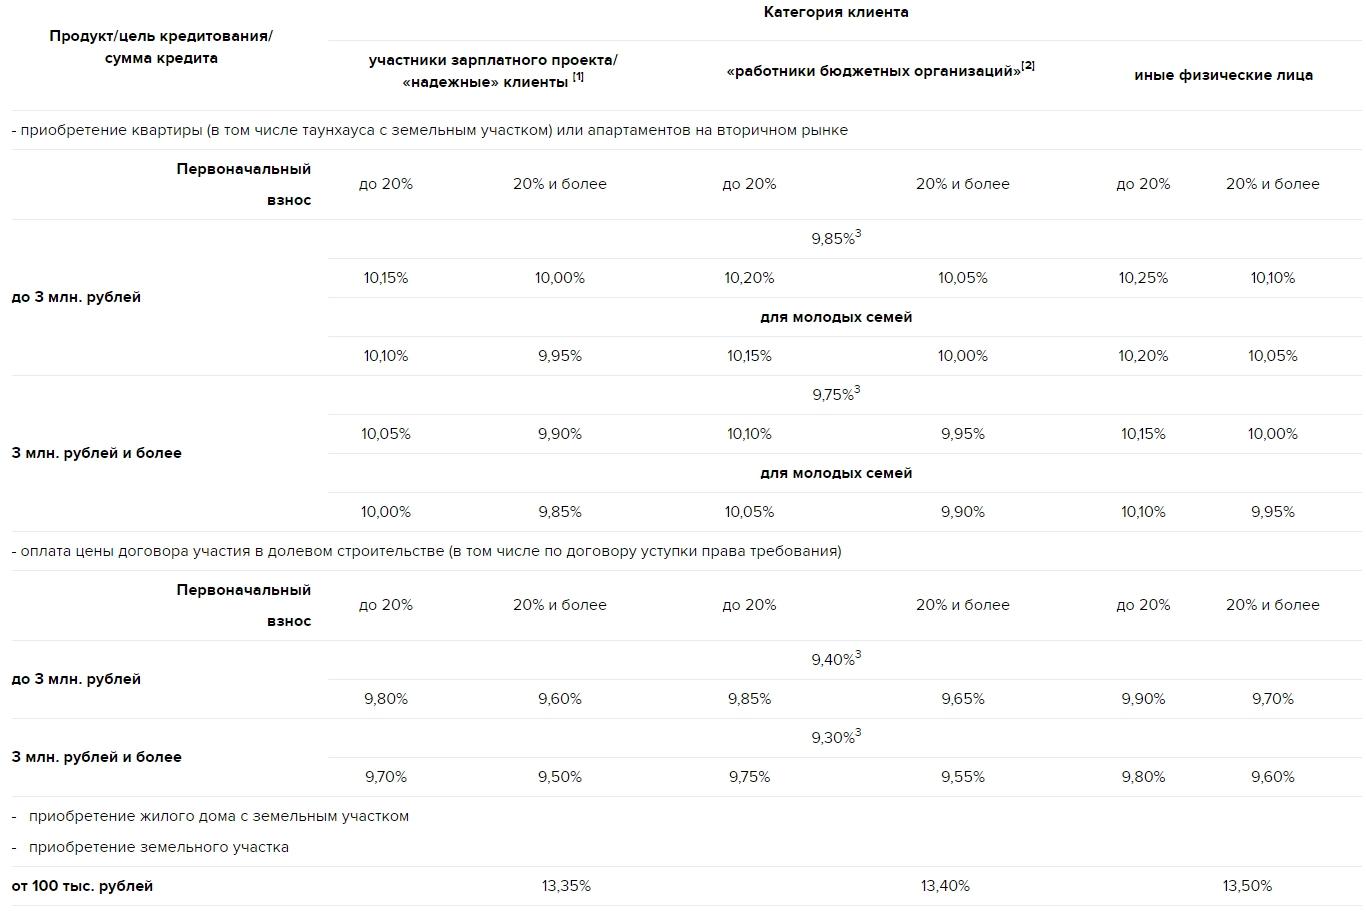 таблица процентных ставок